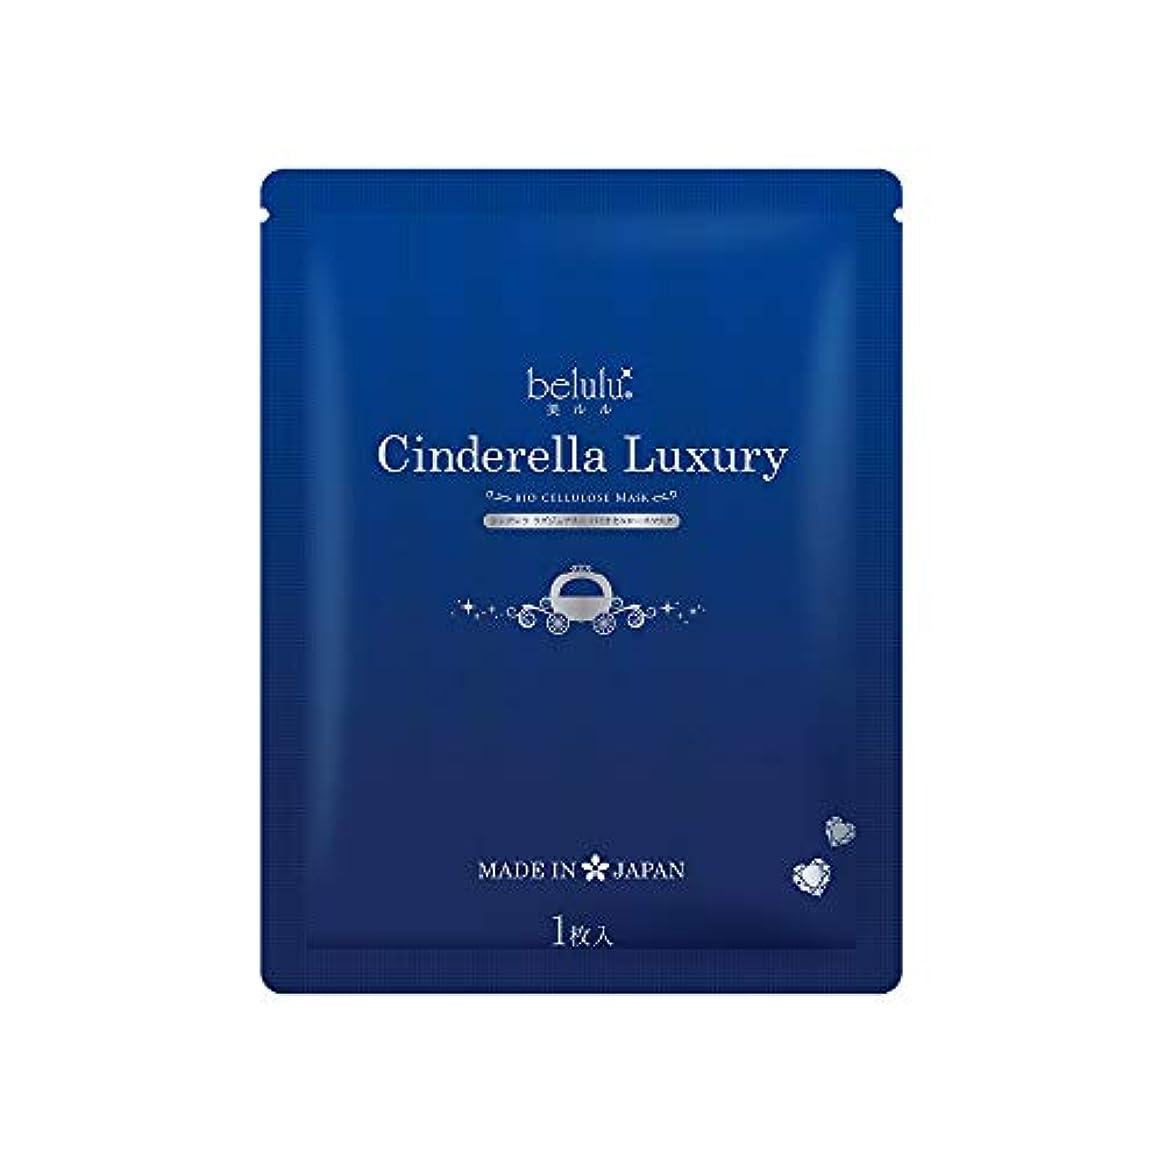 巨人立方体意味のあるフェイスマスク 美ルル シンデレラ ラグジュアリー パック 美白 保湿 美肌 日本製 belulu Cinderella Luxury